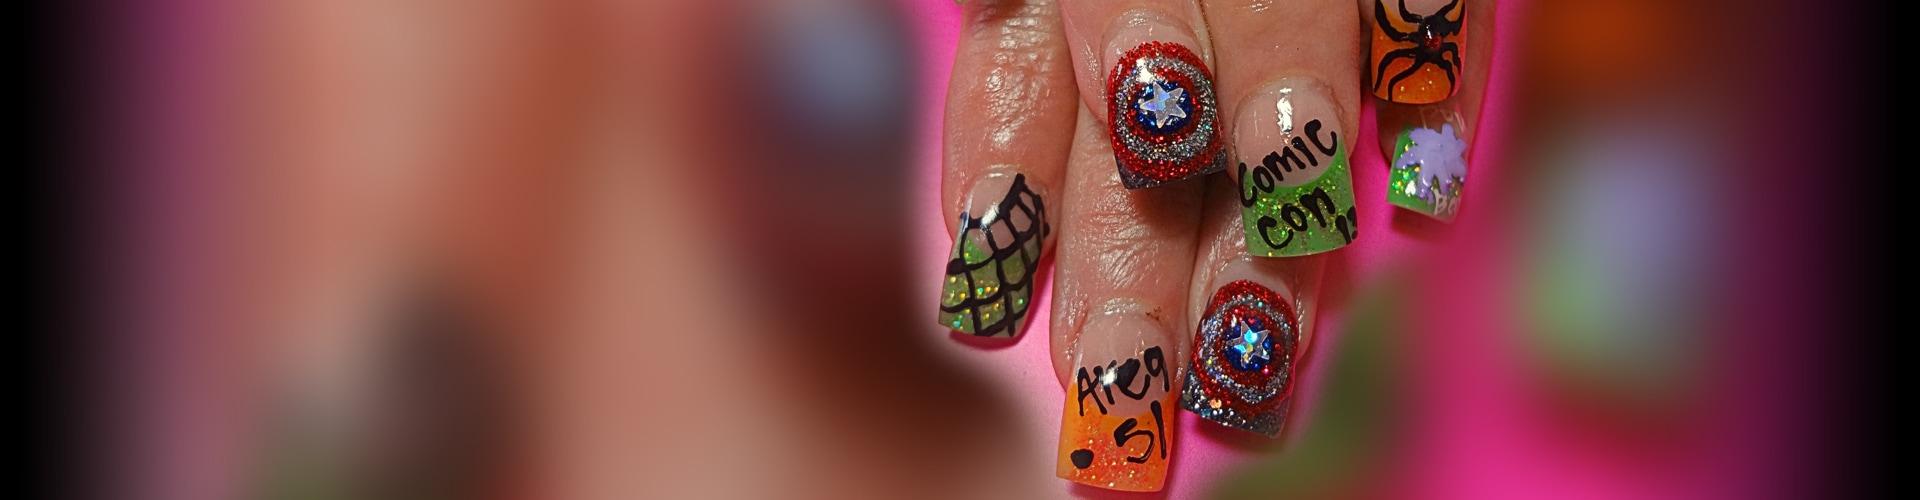 Comic-Con Inspired Nail Art | Salon Fanatic